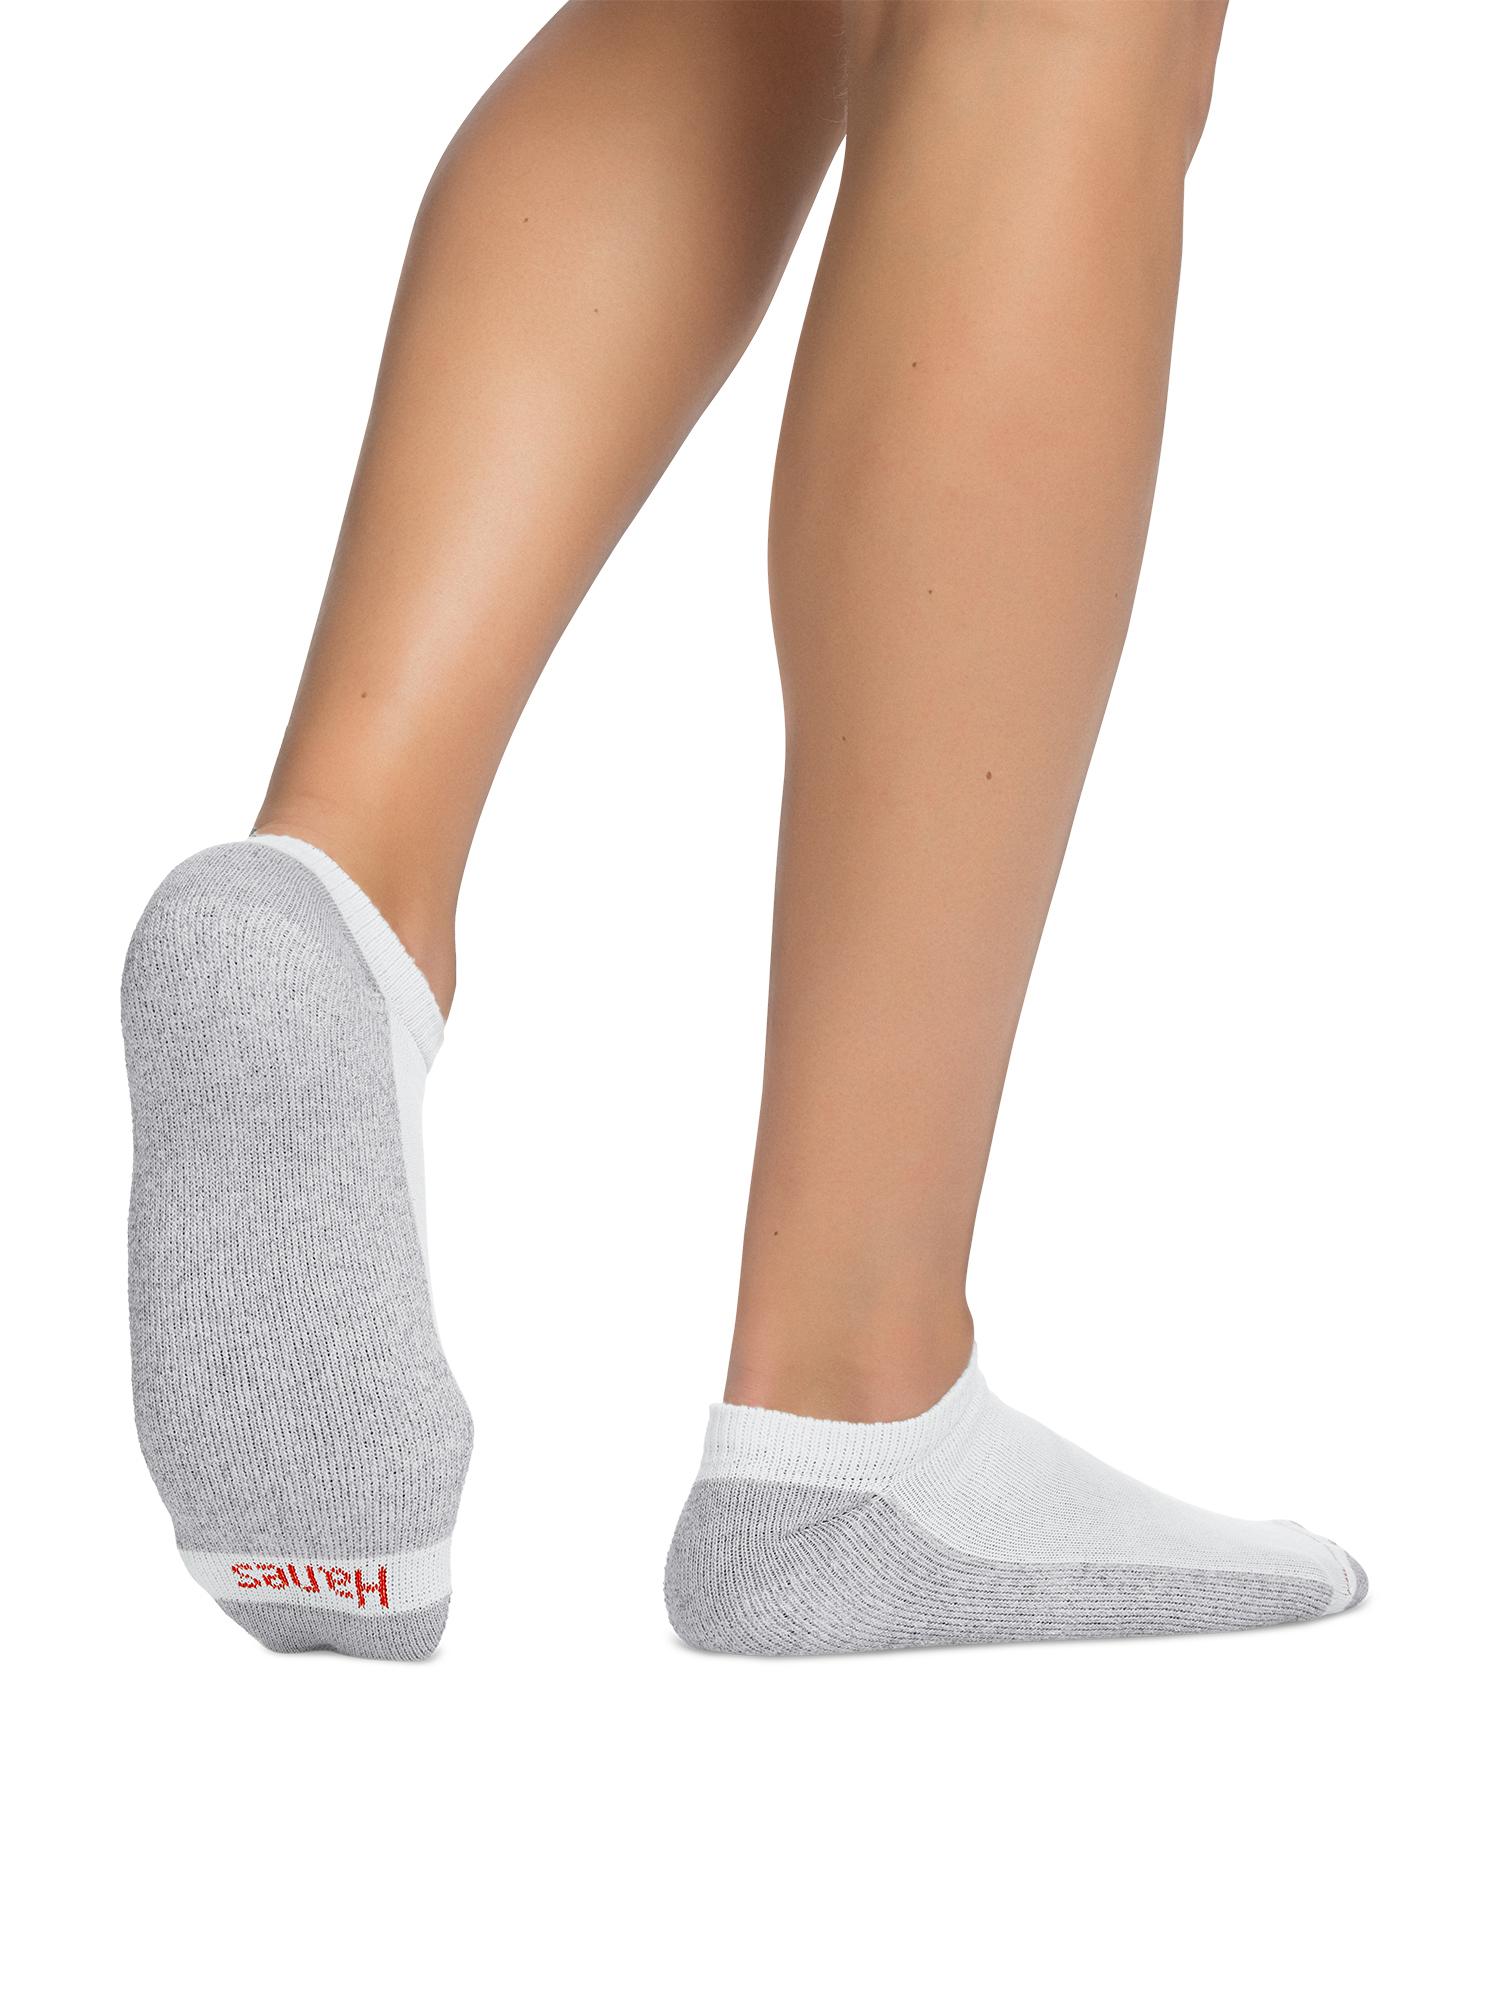 Hanes Men's Cushion FreshIQ No-Show Socks 12 + 1 Bonus Pack